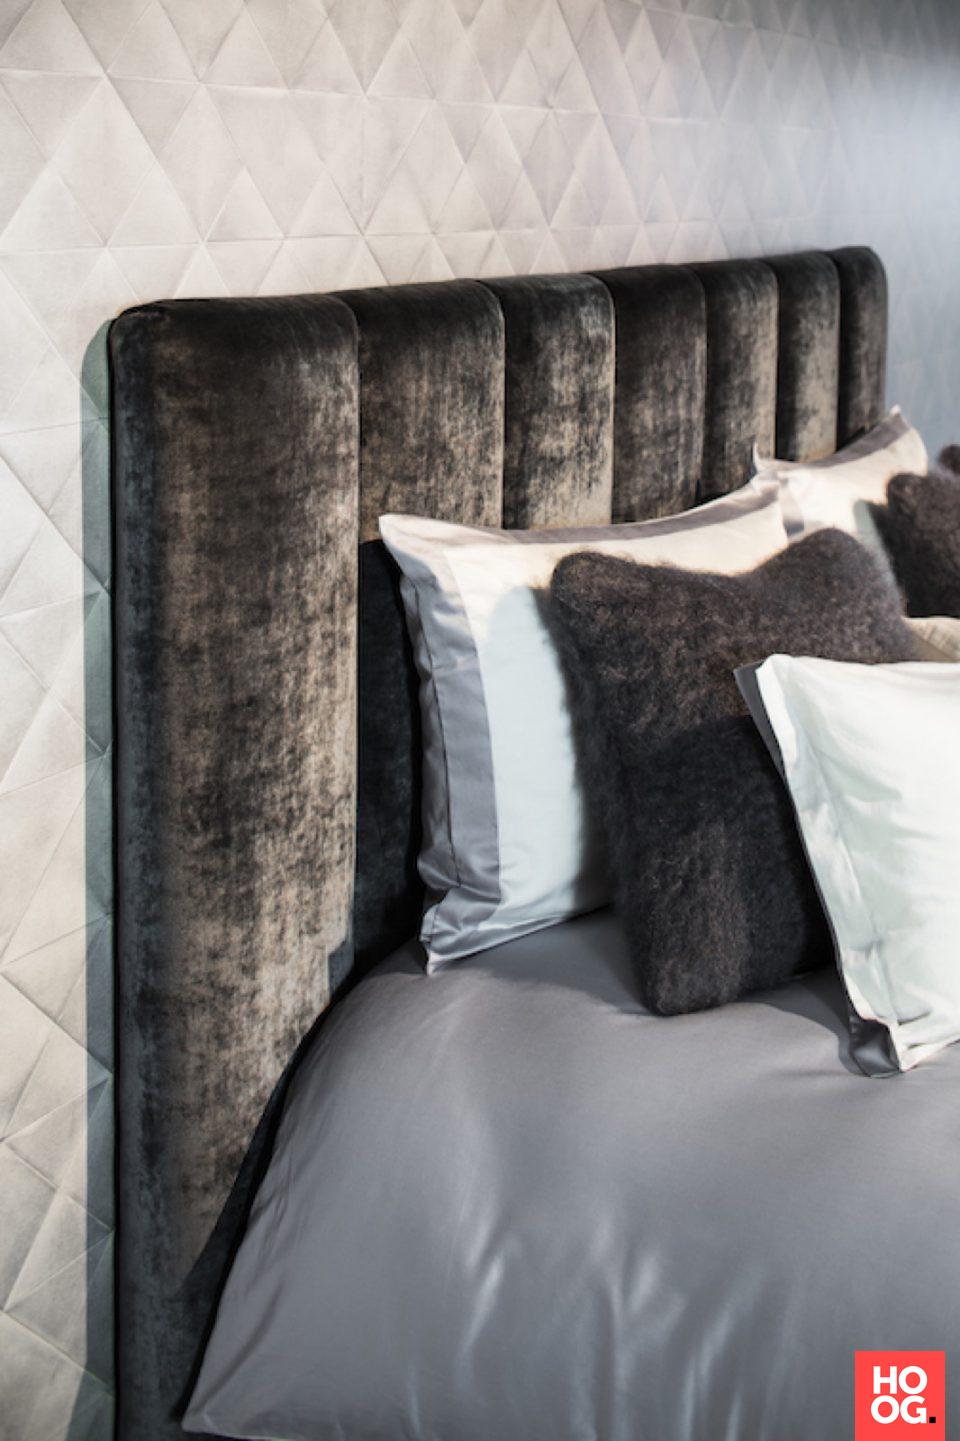 Design slaapkamer met luxe bed | Osiris Collectie - Nilson Beds - Ontwerp: Osiris Hertman | slaapkamer design | bedroom ideas | master bedroom | Hoog.design